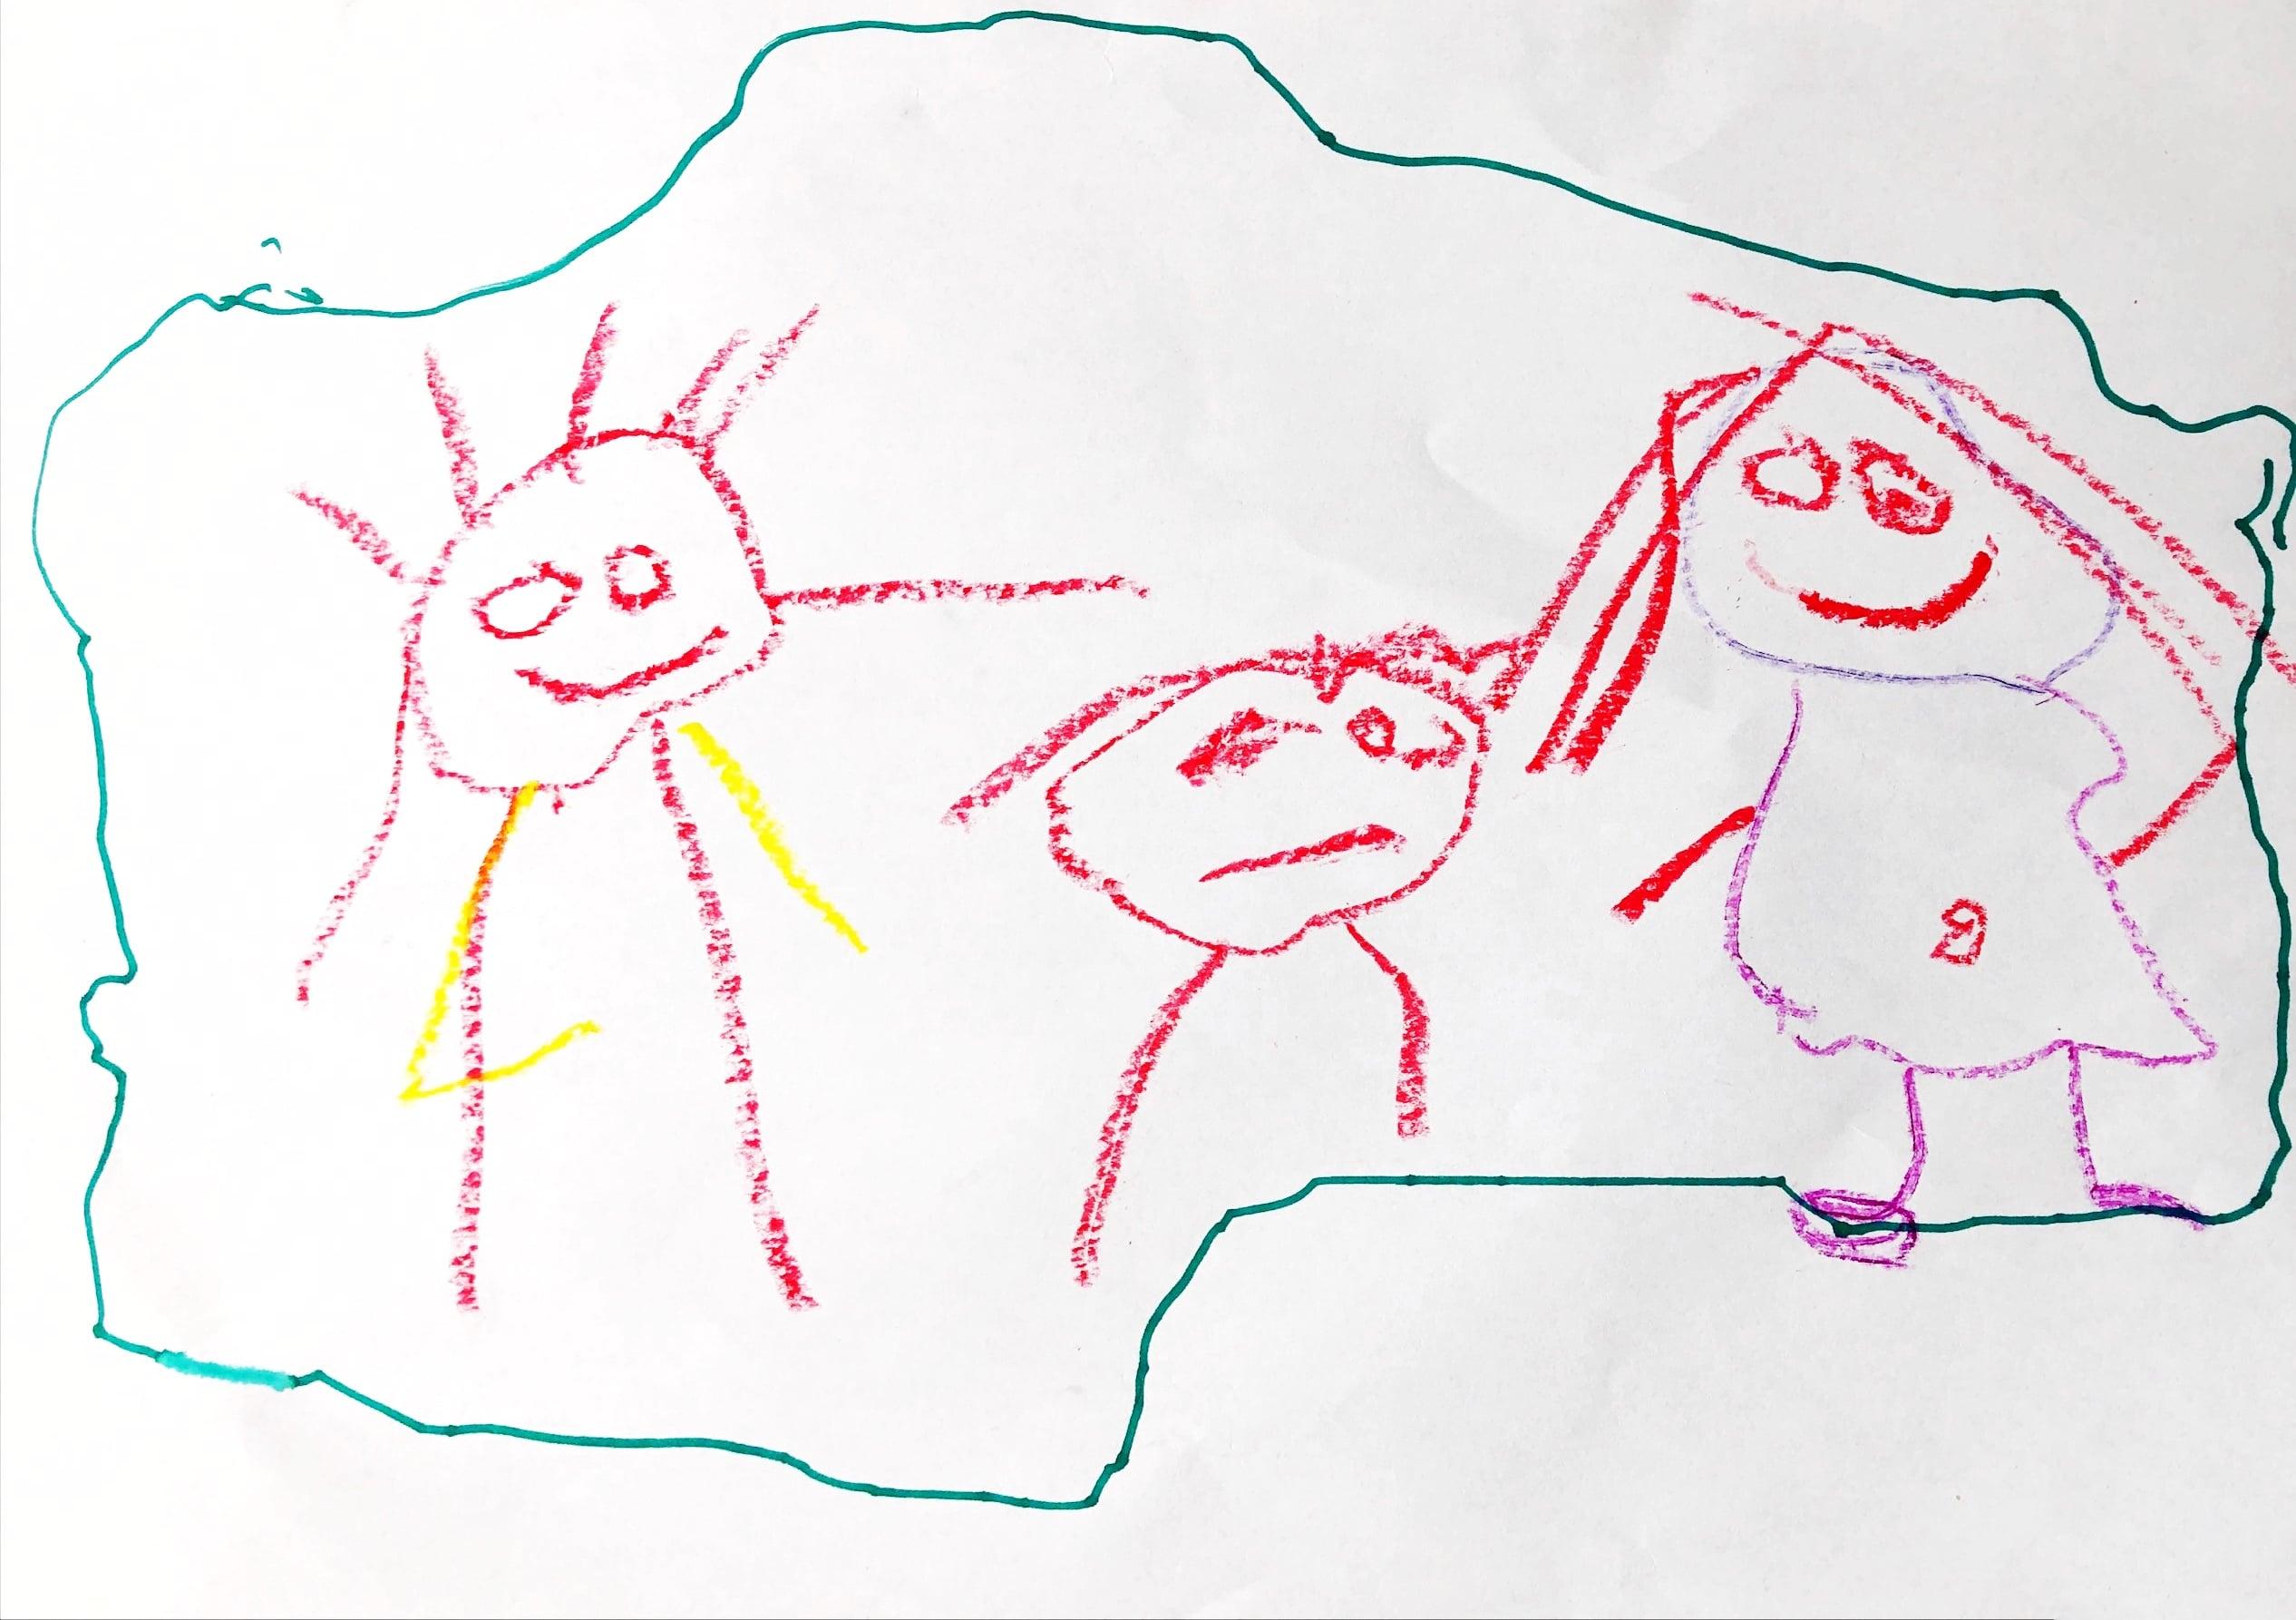 Betekenis koppoters_kindertekening_Artie Farty_Talking Drawings